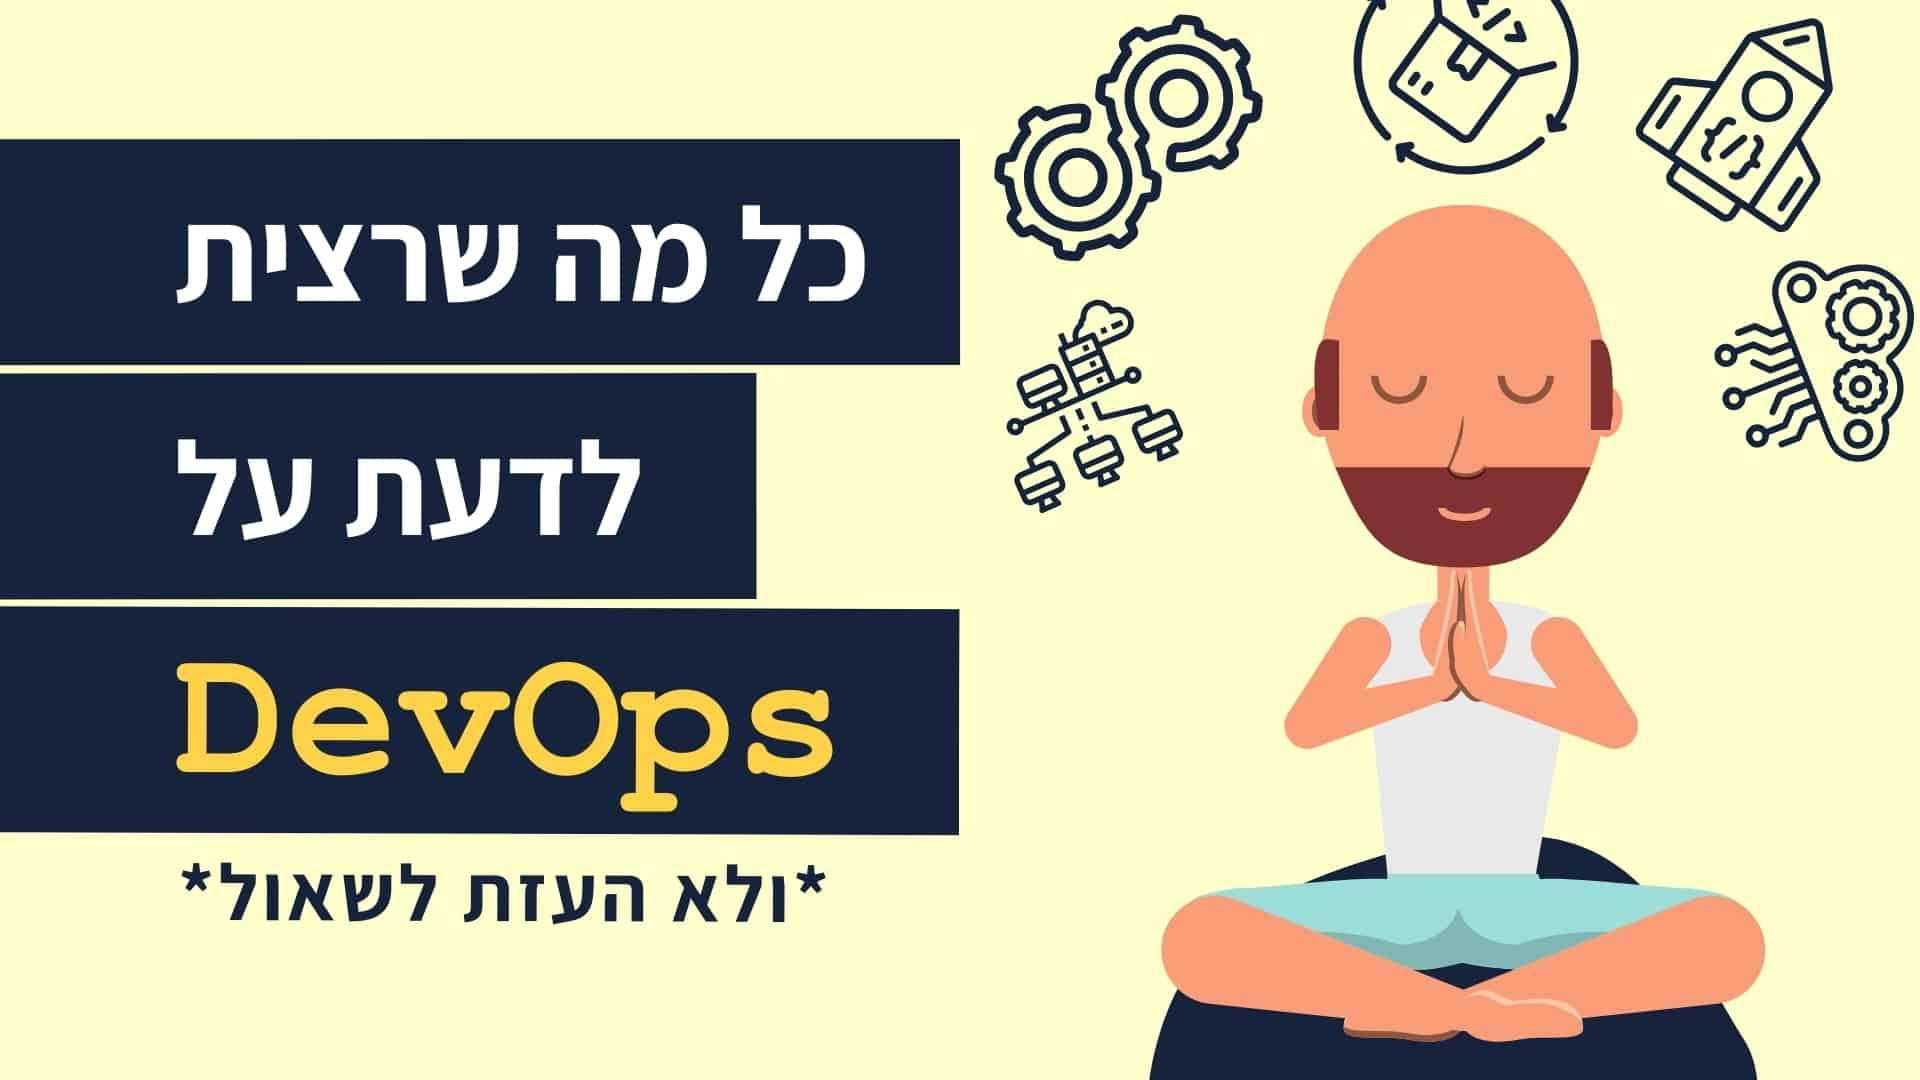 מה זה DevOps? כל מה שרצית לדעת (ולא העזת לשאול)